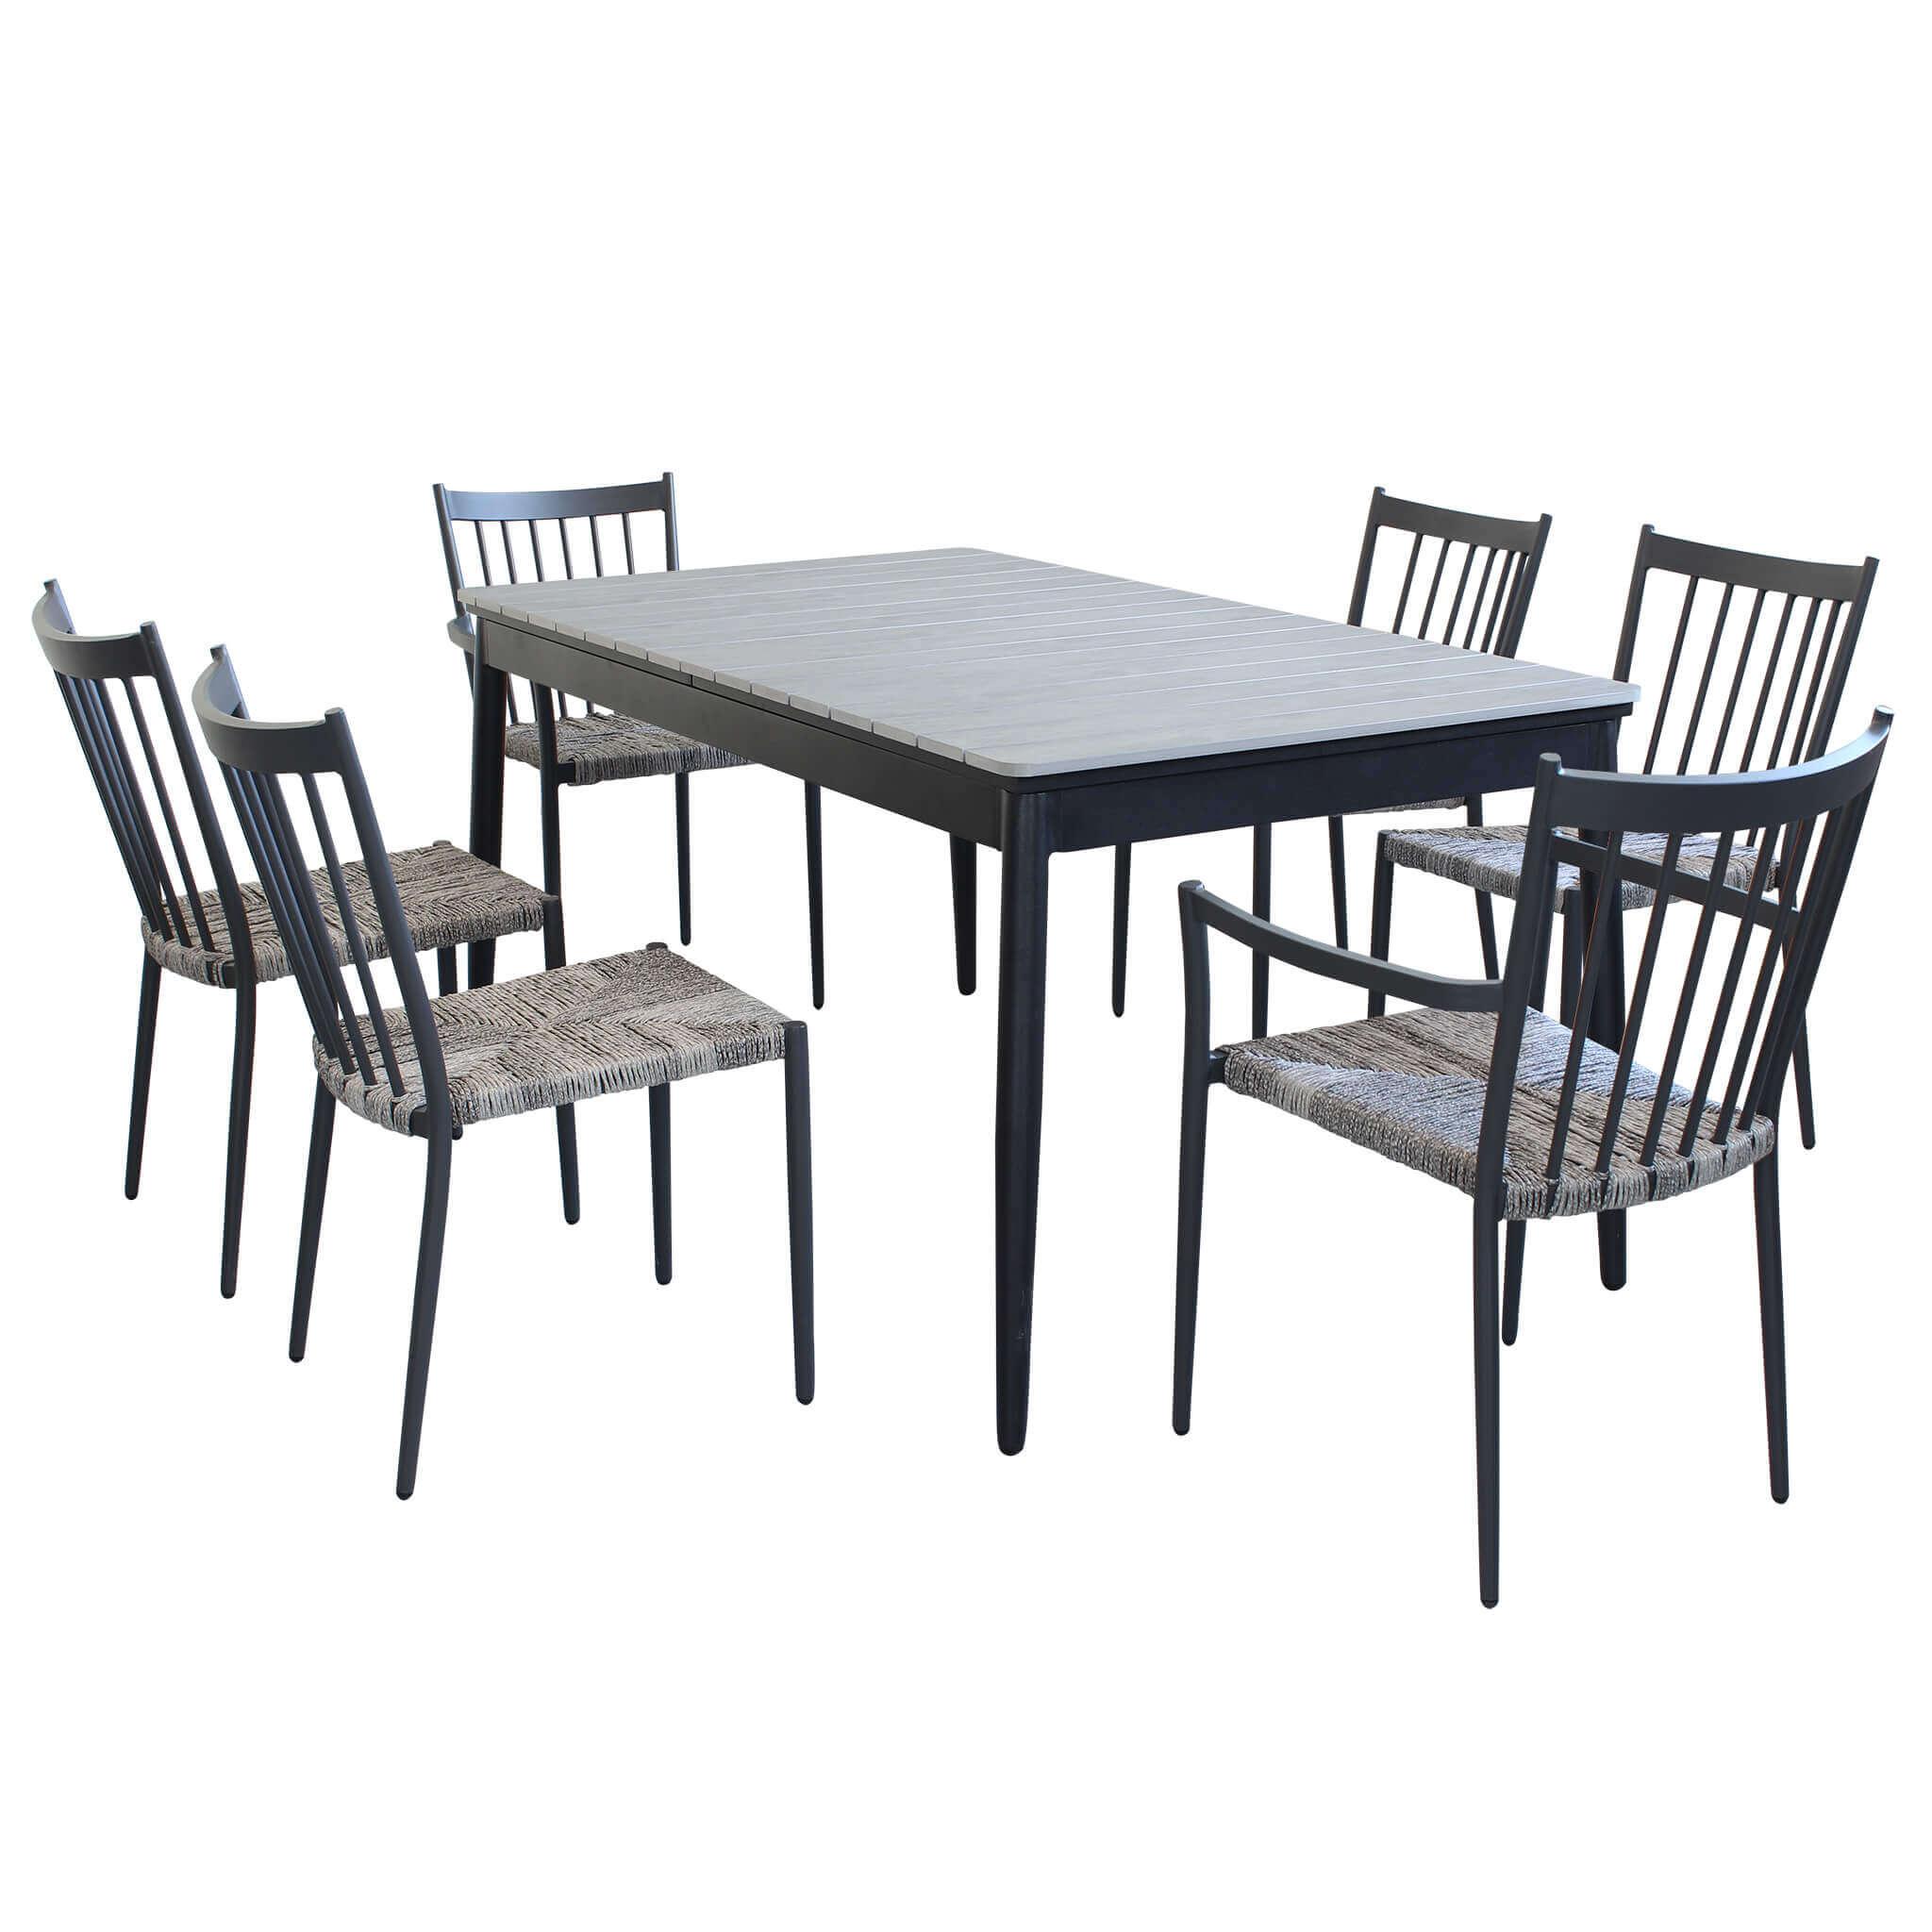 Milani Home DONATO - set tavolo da giardino allungabile in alluminio e polywood 160/240 x 90 compreso di 4 sedie e 2 poltrone in alluminio e polyrattan